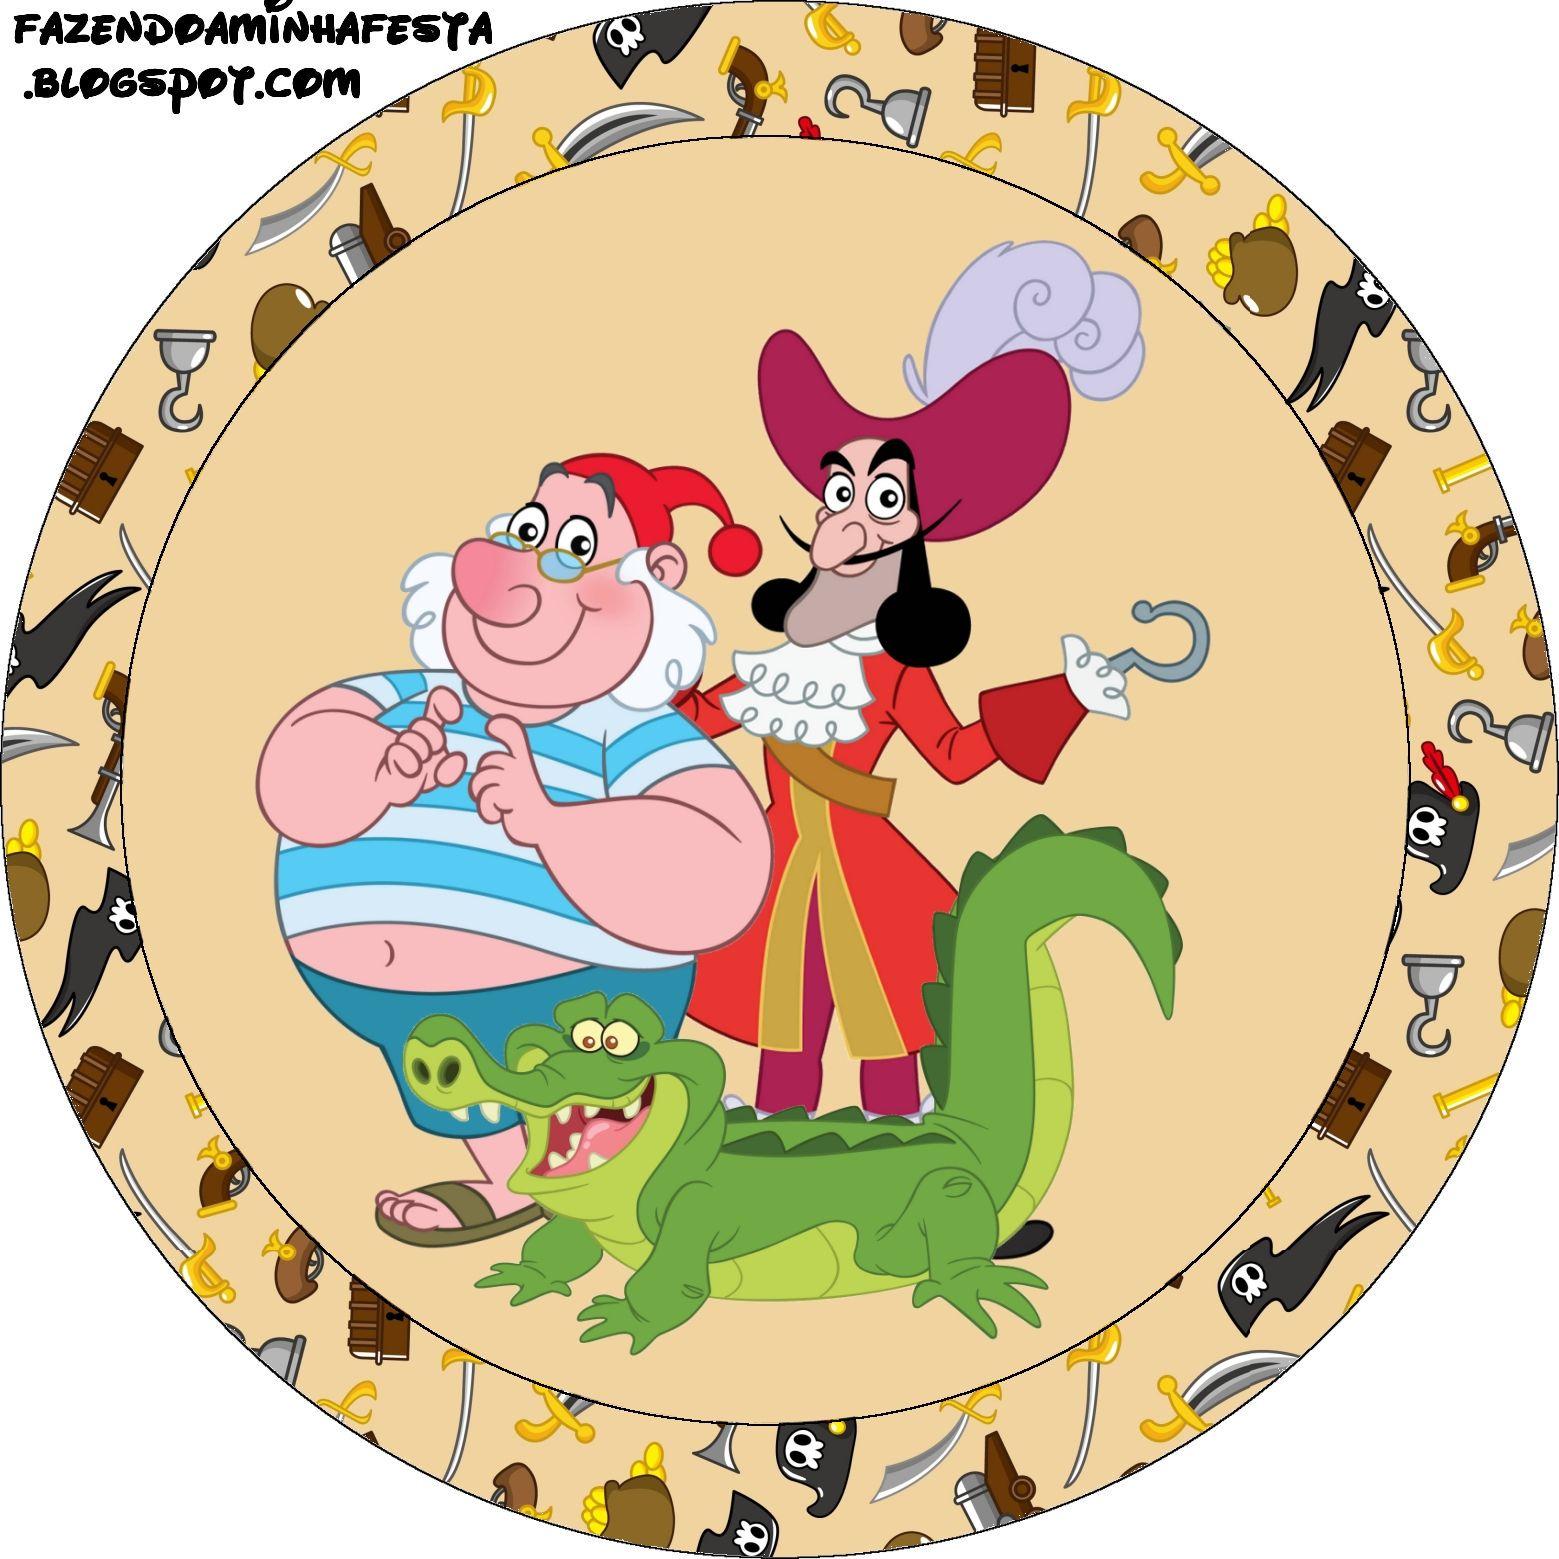 Decoraci n jake y los piratas de nunca jam s pictures to pin on - Etiquetas Imprimibles De Jake Y Los Piratas De Nunca Jam S